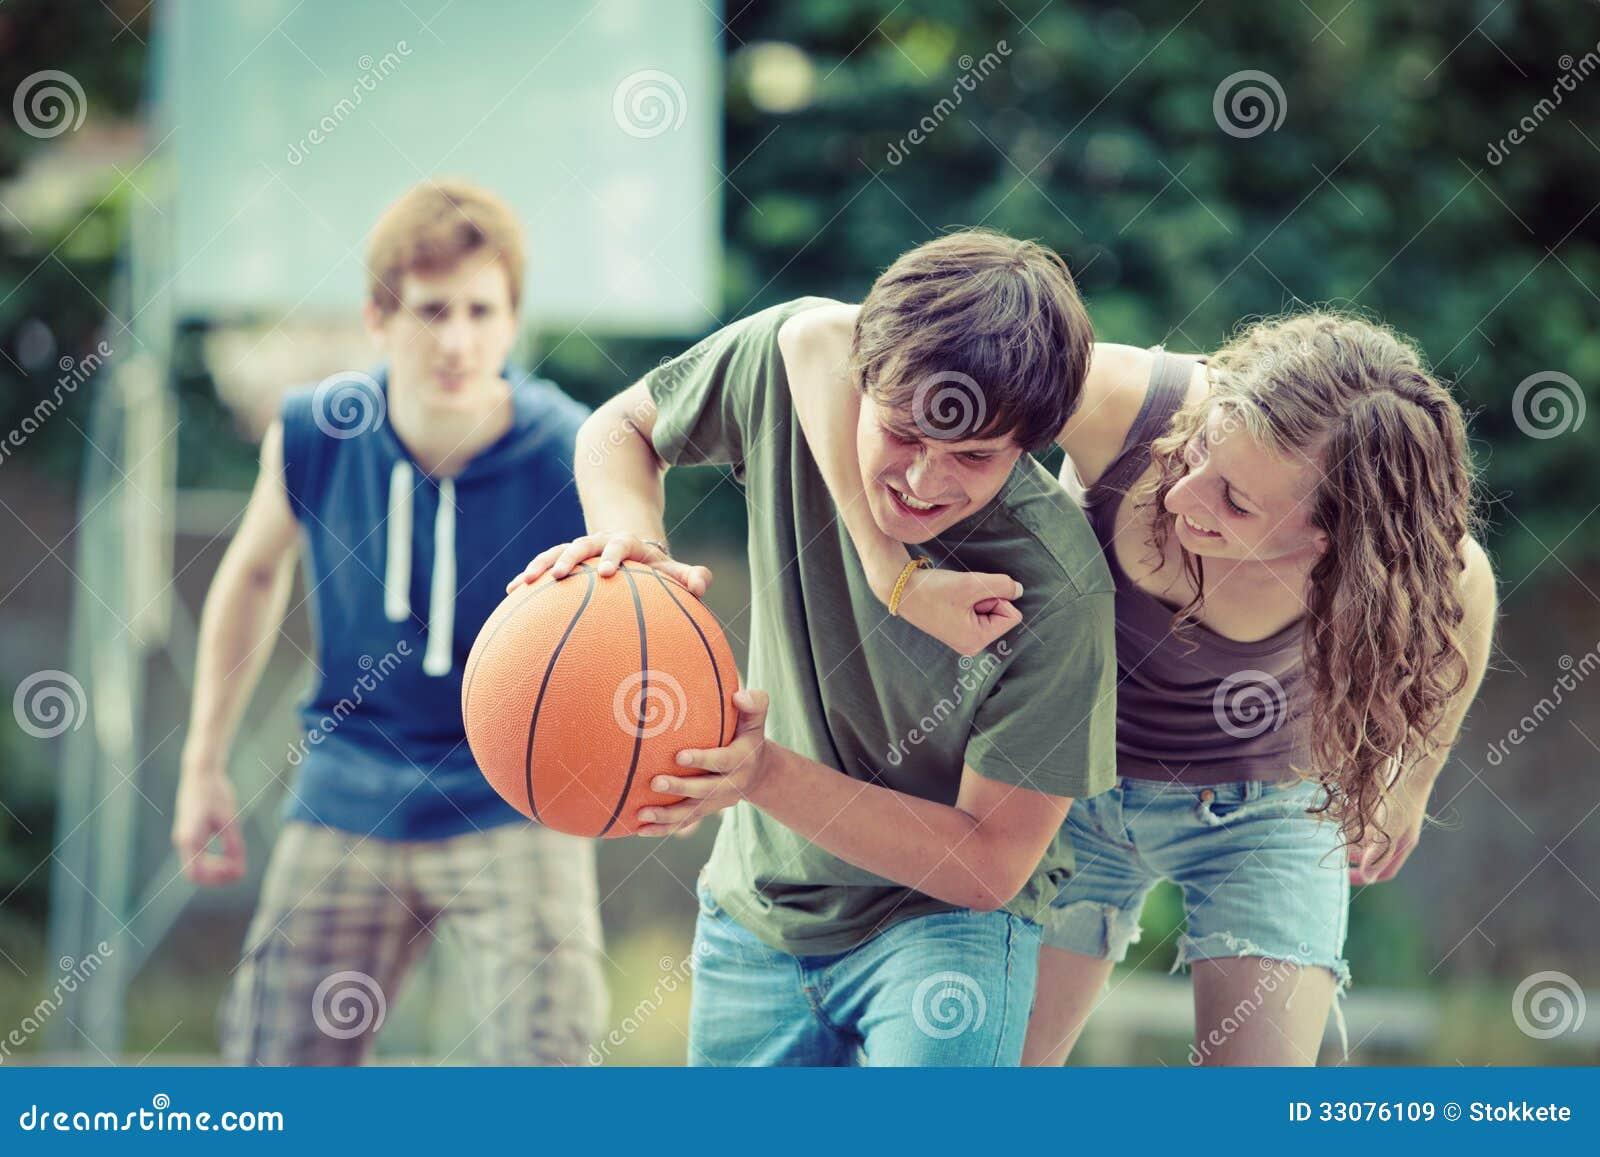 free-street-teens-pics